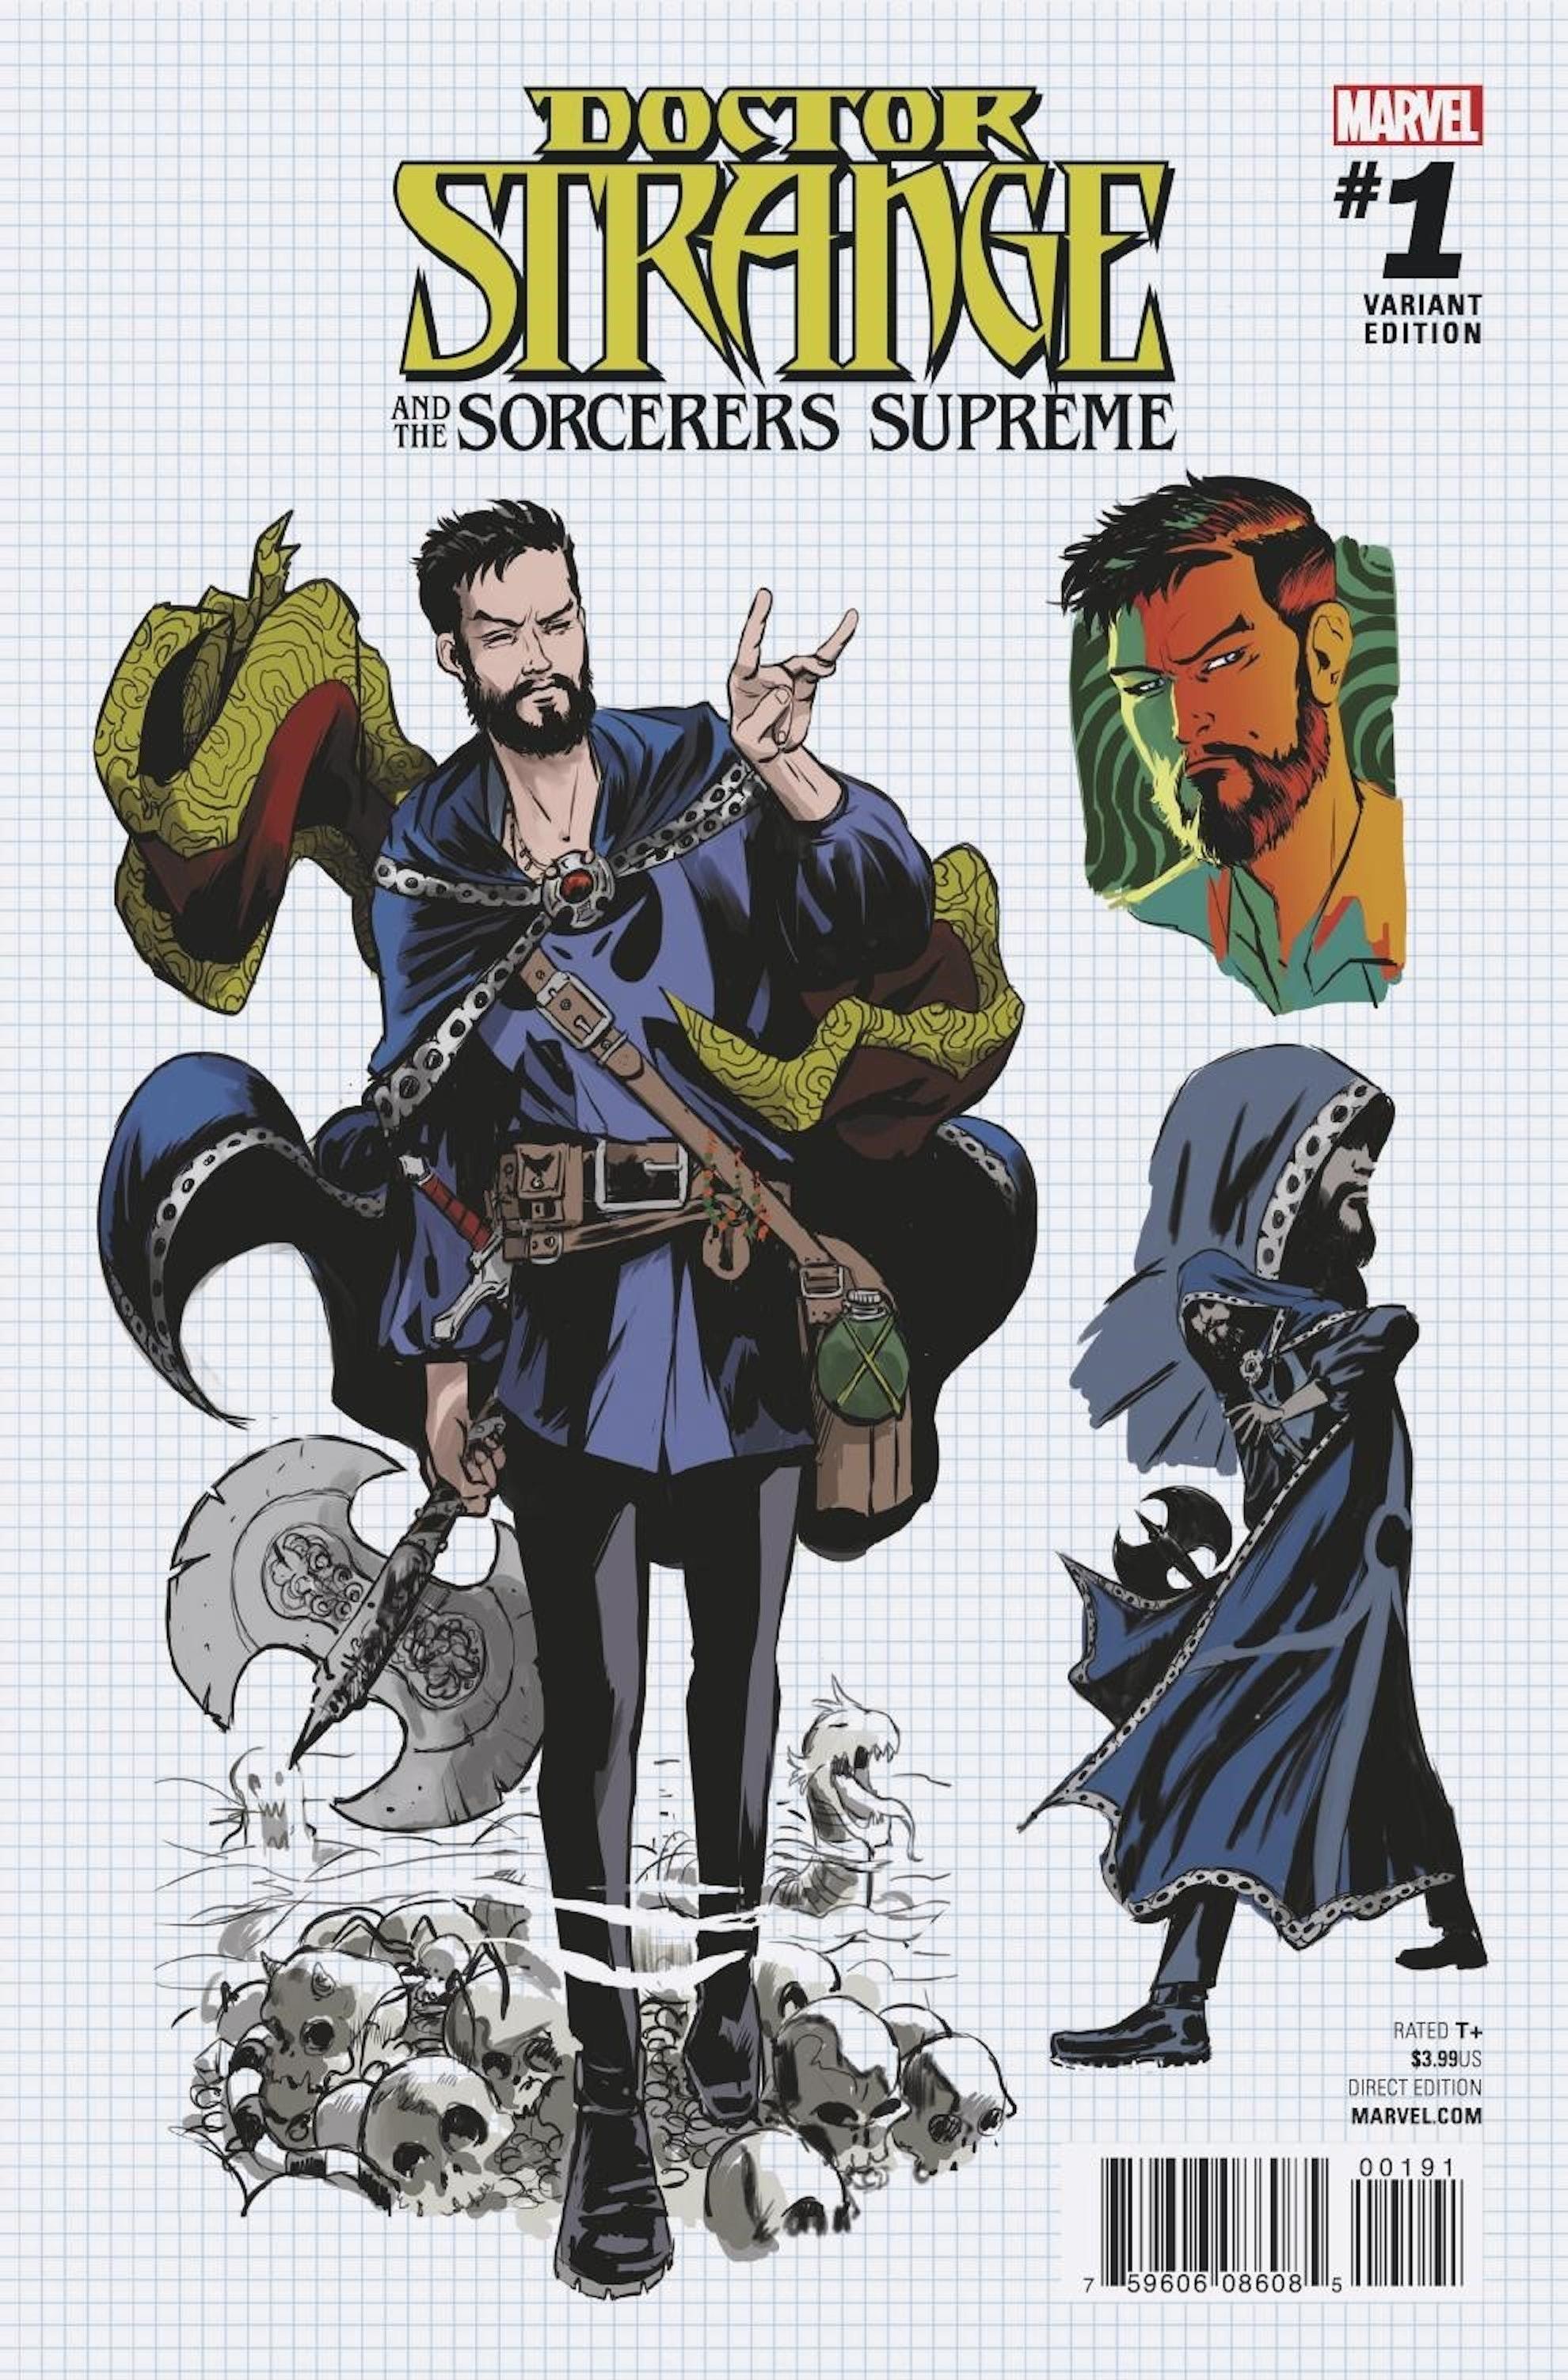 Variant cover for Marvel Comics' Doctor Strange and the Sorcerer Supremes